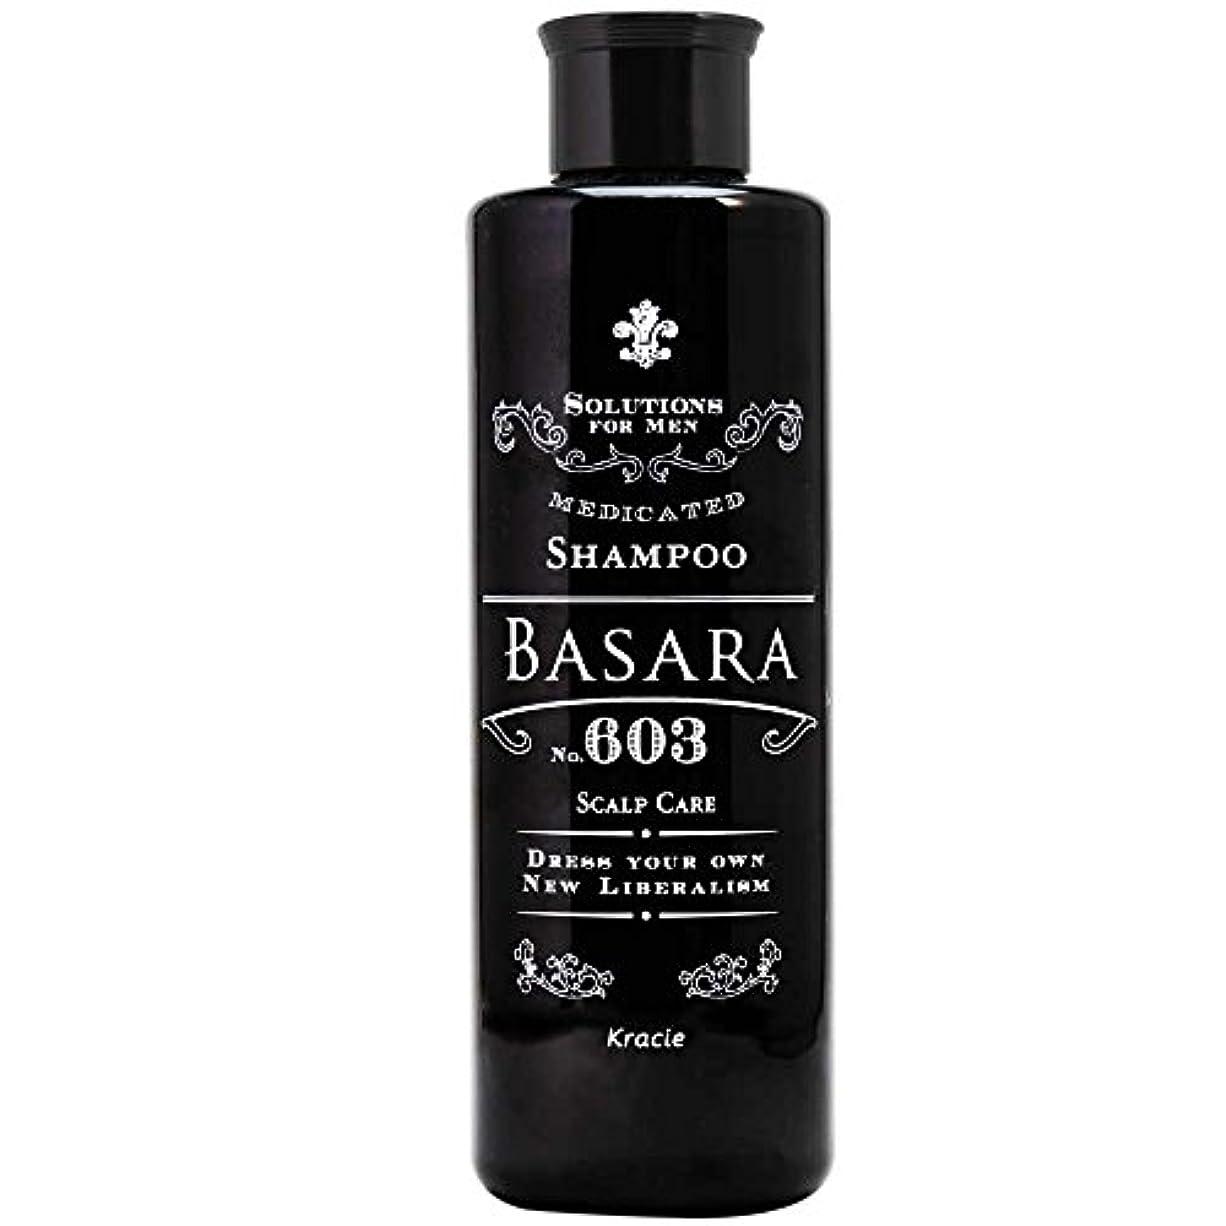 従う子供時代気づくなるクラシエ バサラ 603 薬用スカルプシャンプー 250ml